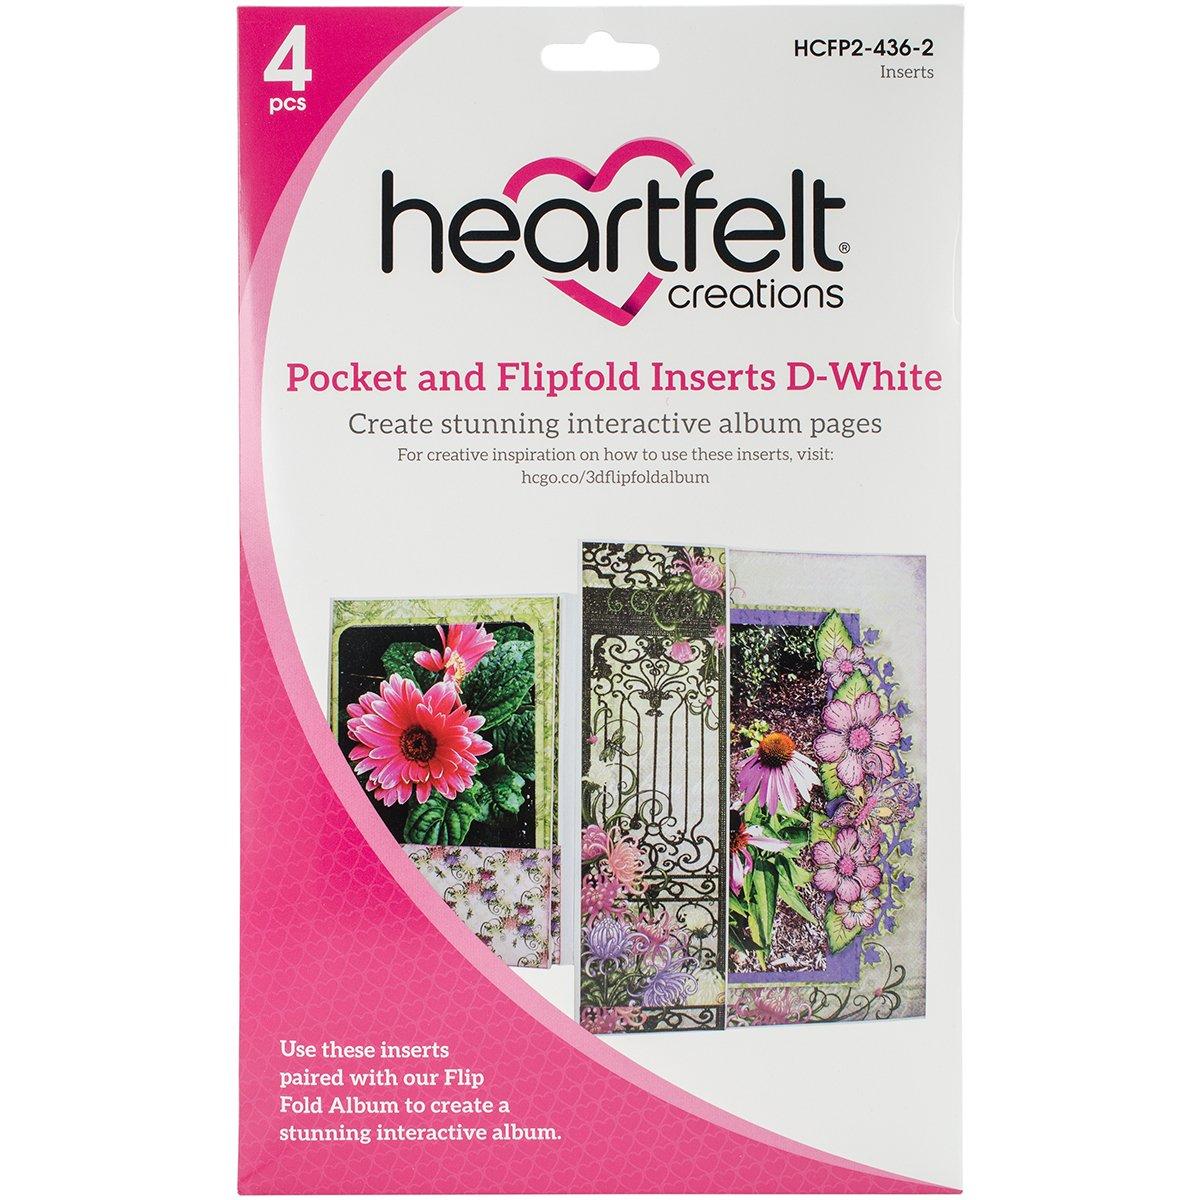 Mehrfarbig Heartfelt Creations Eins/ätze f/ür Taschen und Flip 26,72 x 20,24 x 1,21 cm